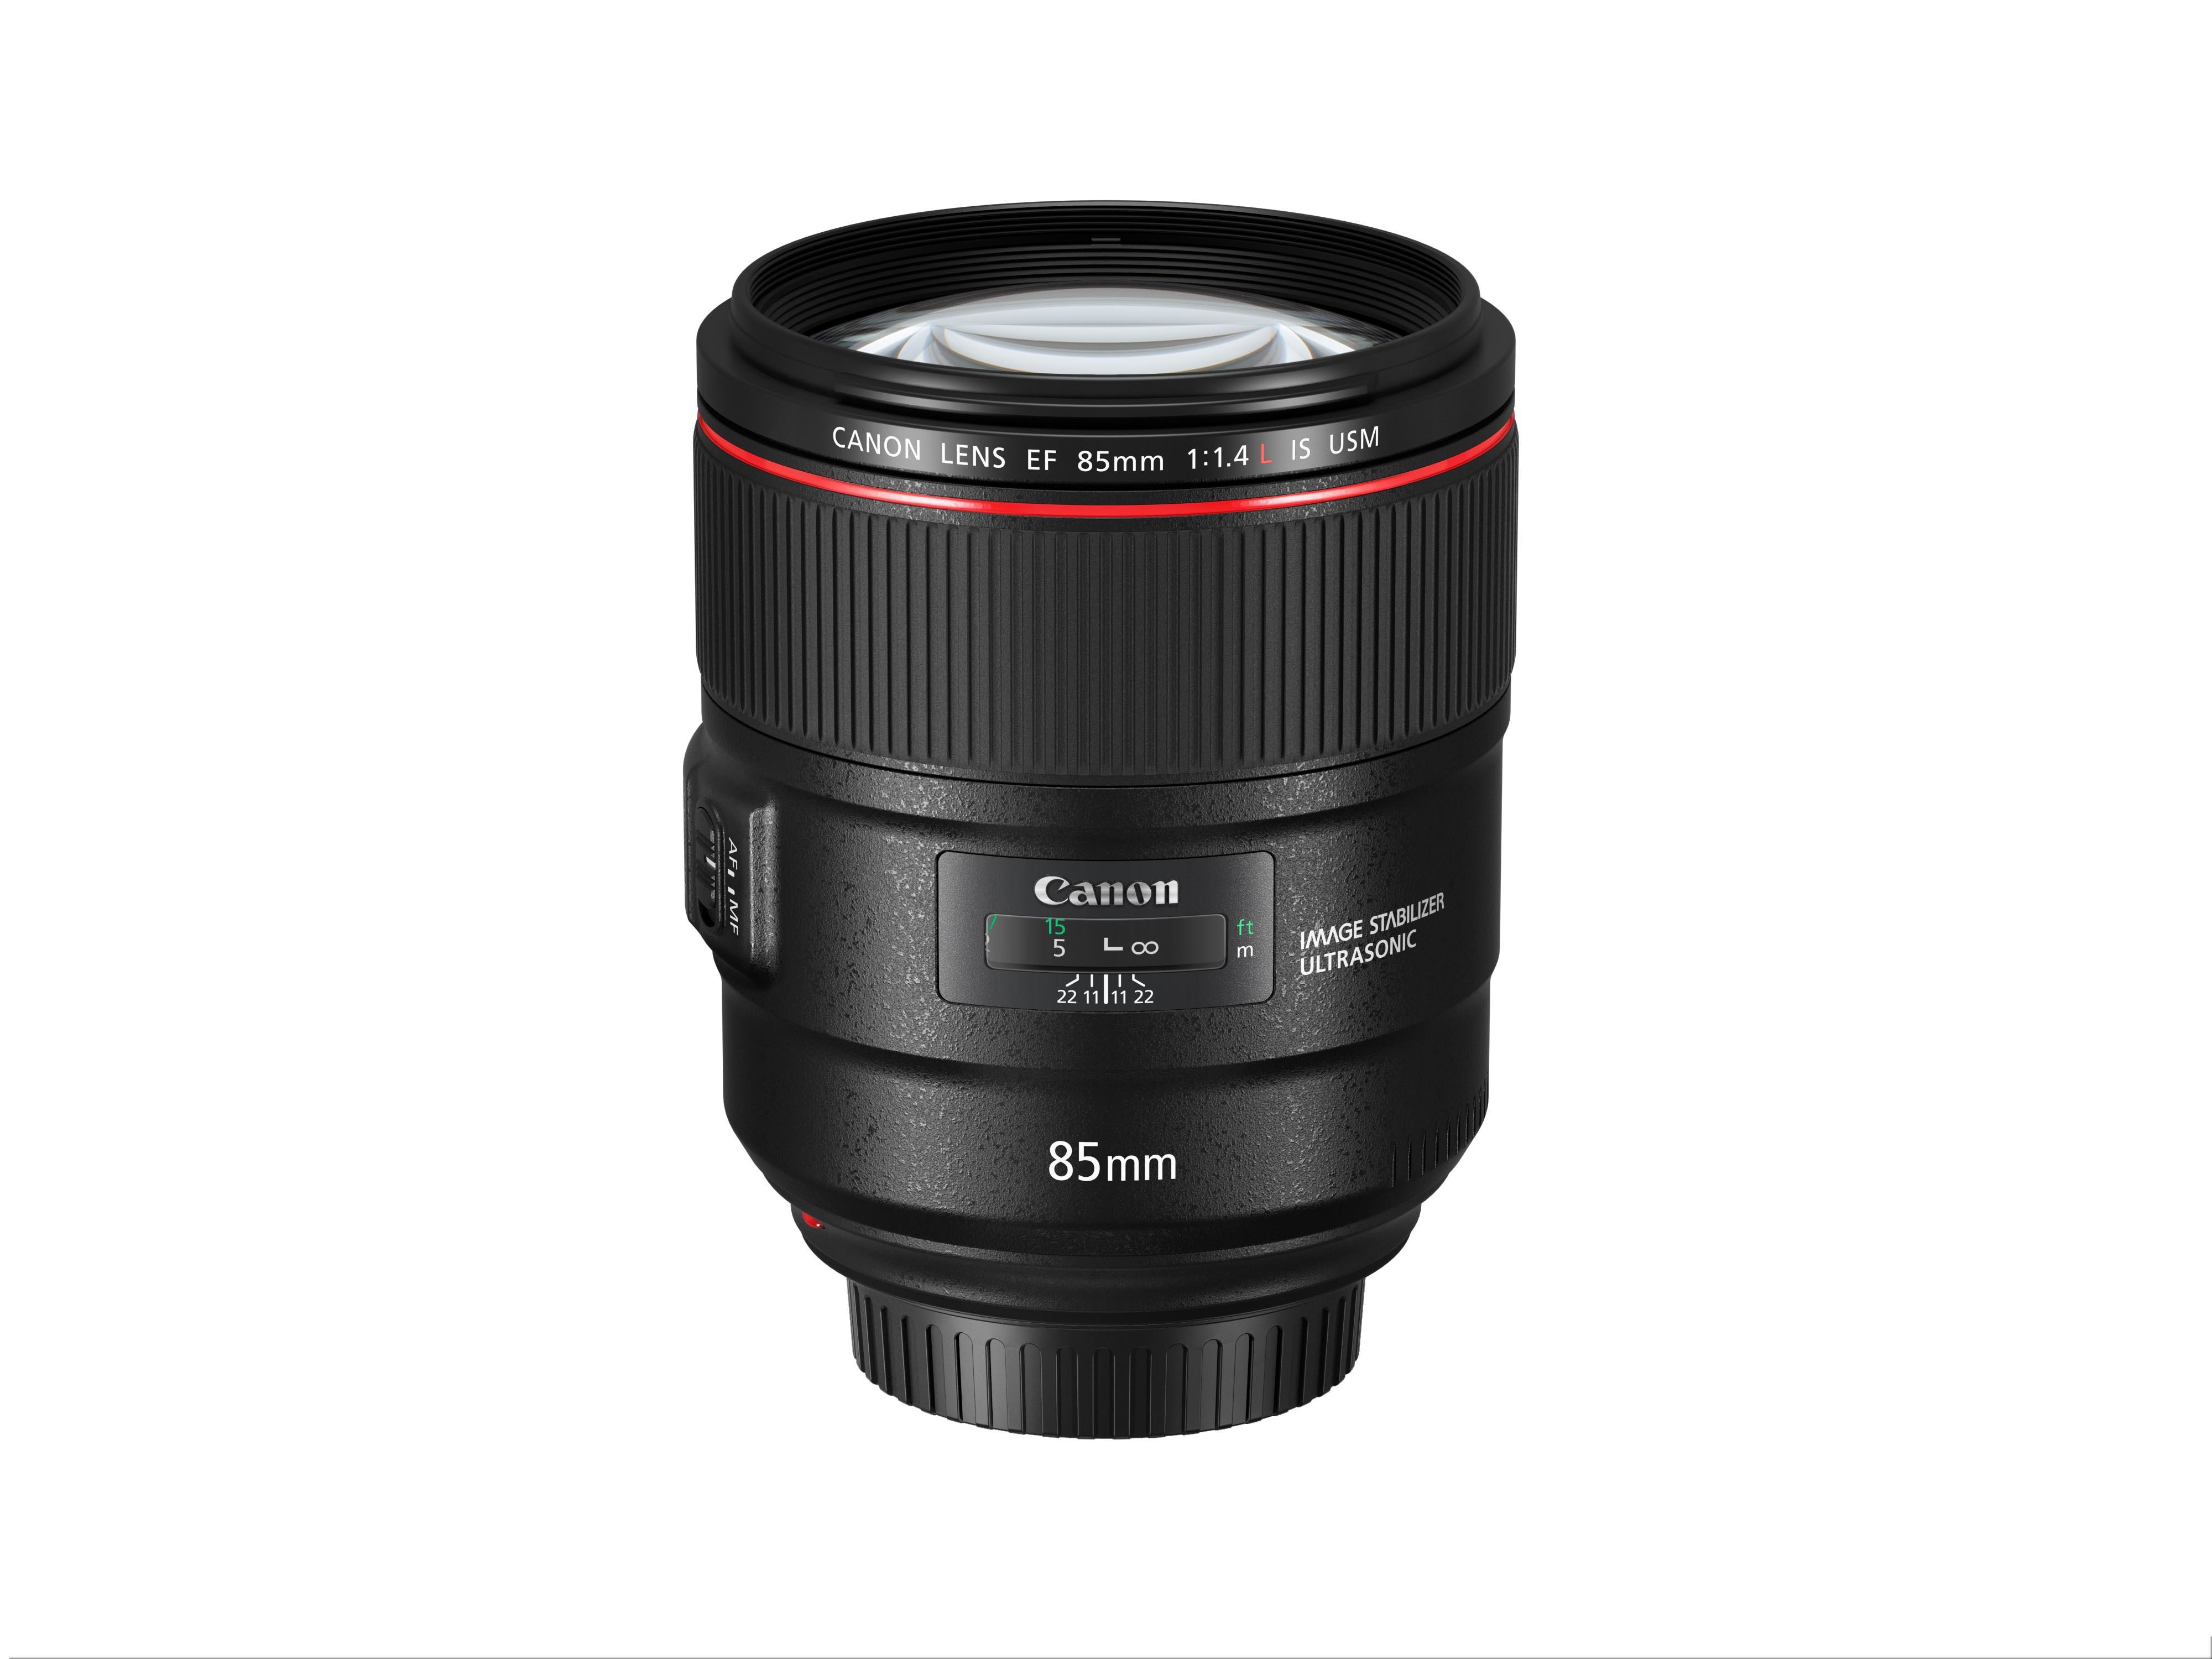 Canon îmbunătăţeşte gama L cu patru noi obiective